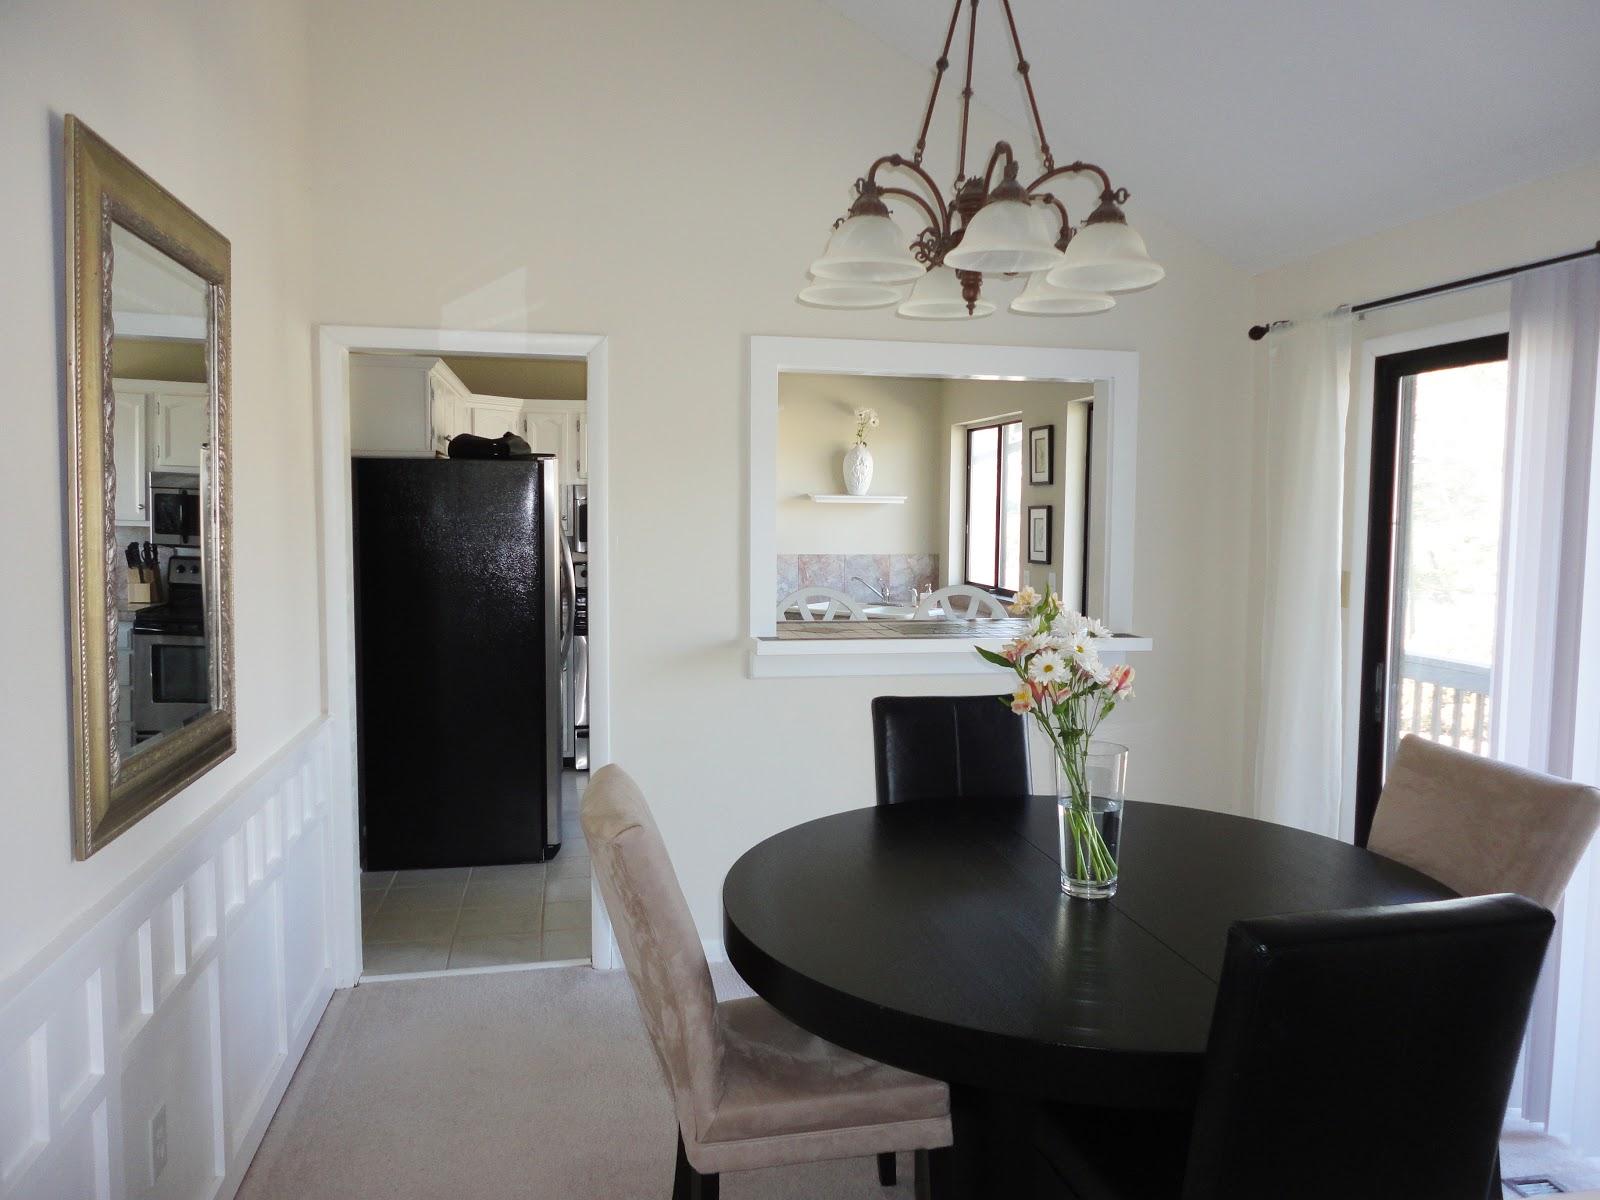 Living Room Set Diy Modern Chandeliers Livelovediy The Painted Dining Table Debacle